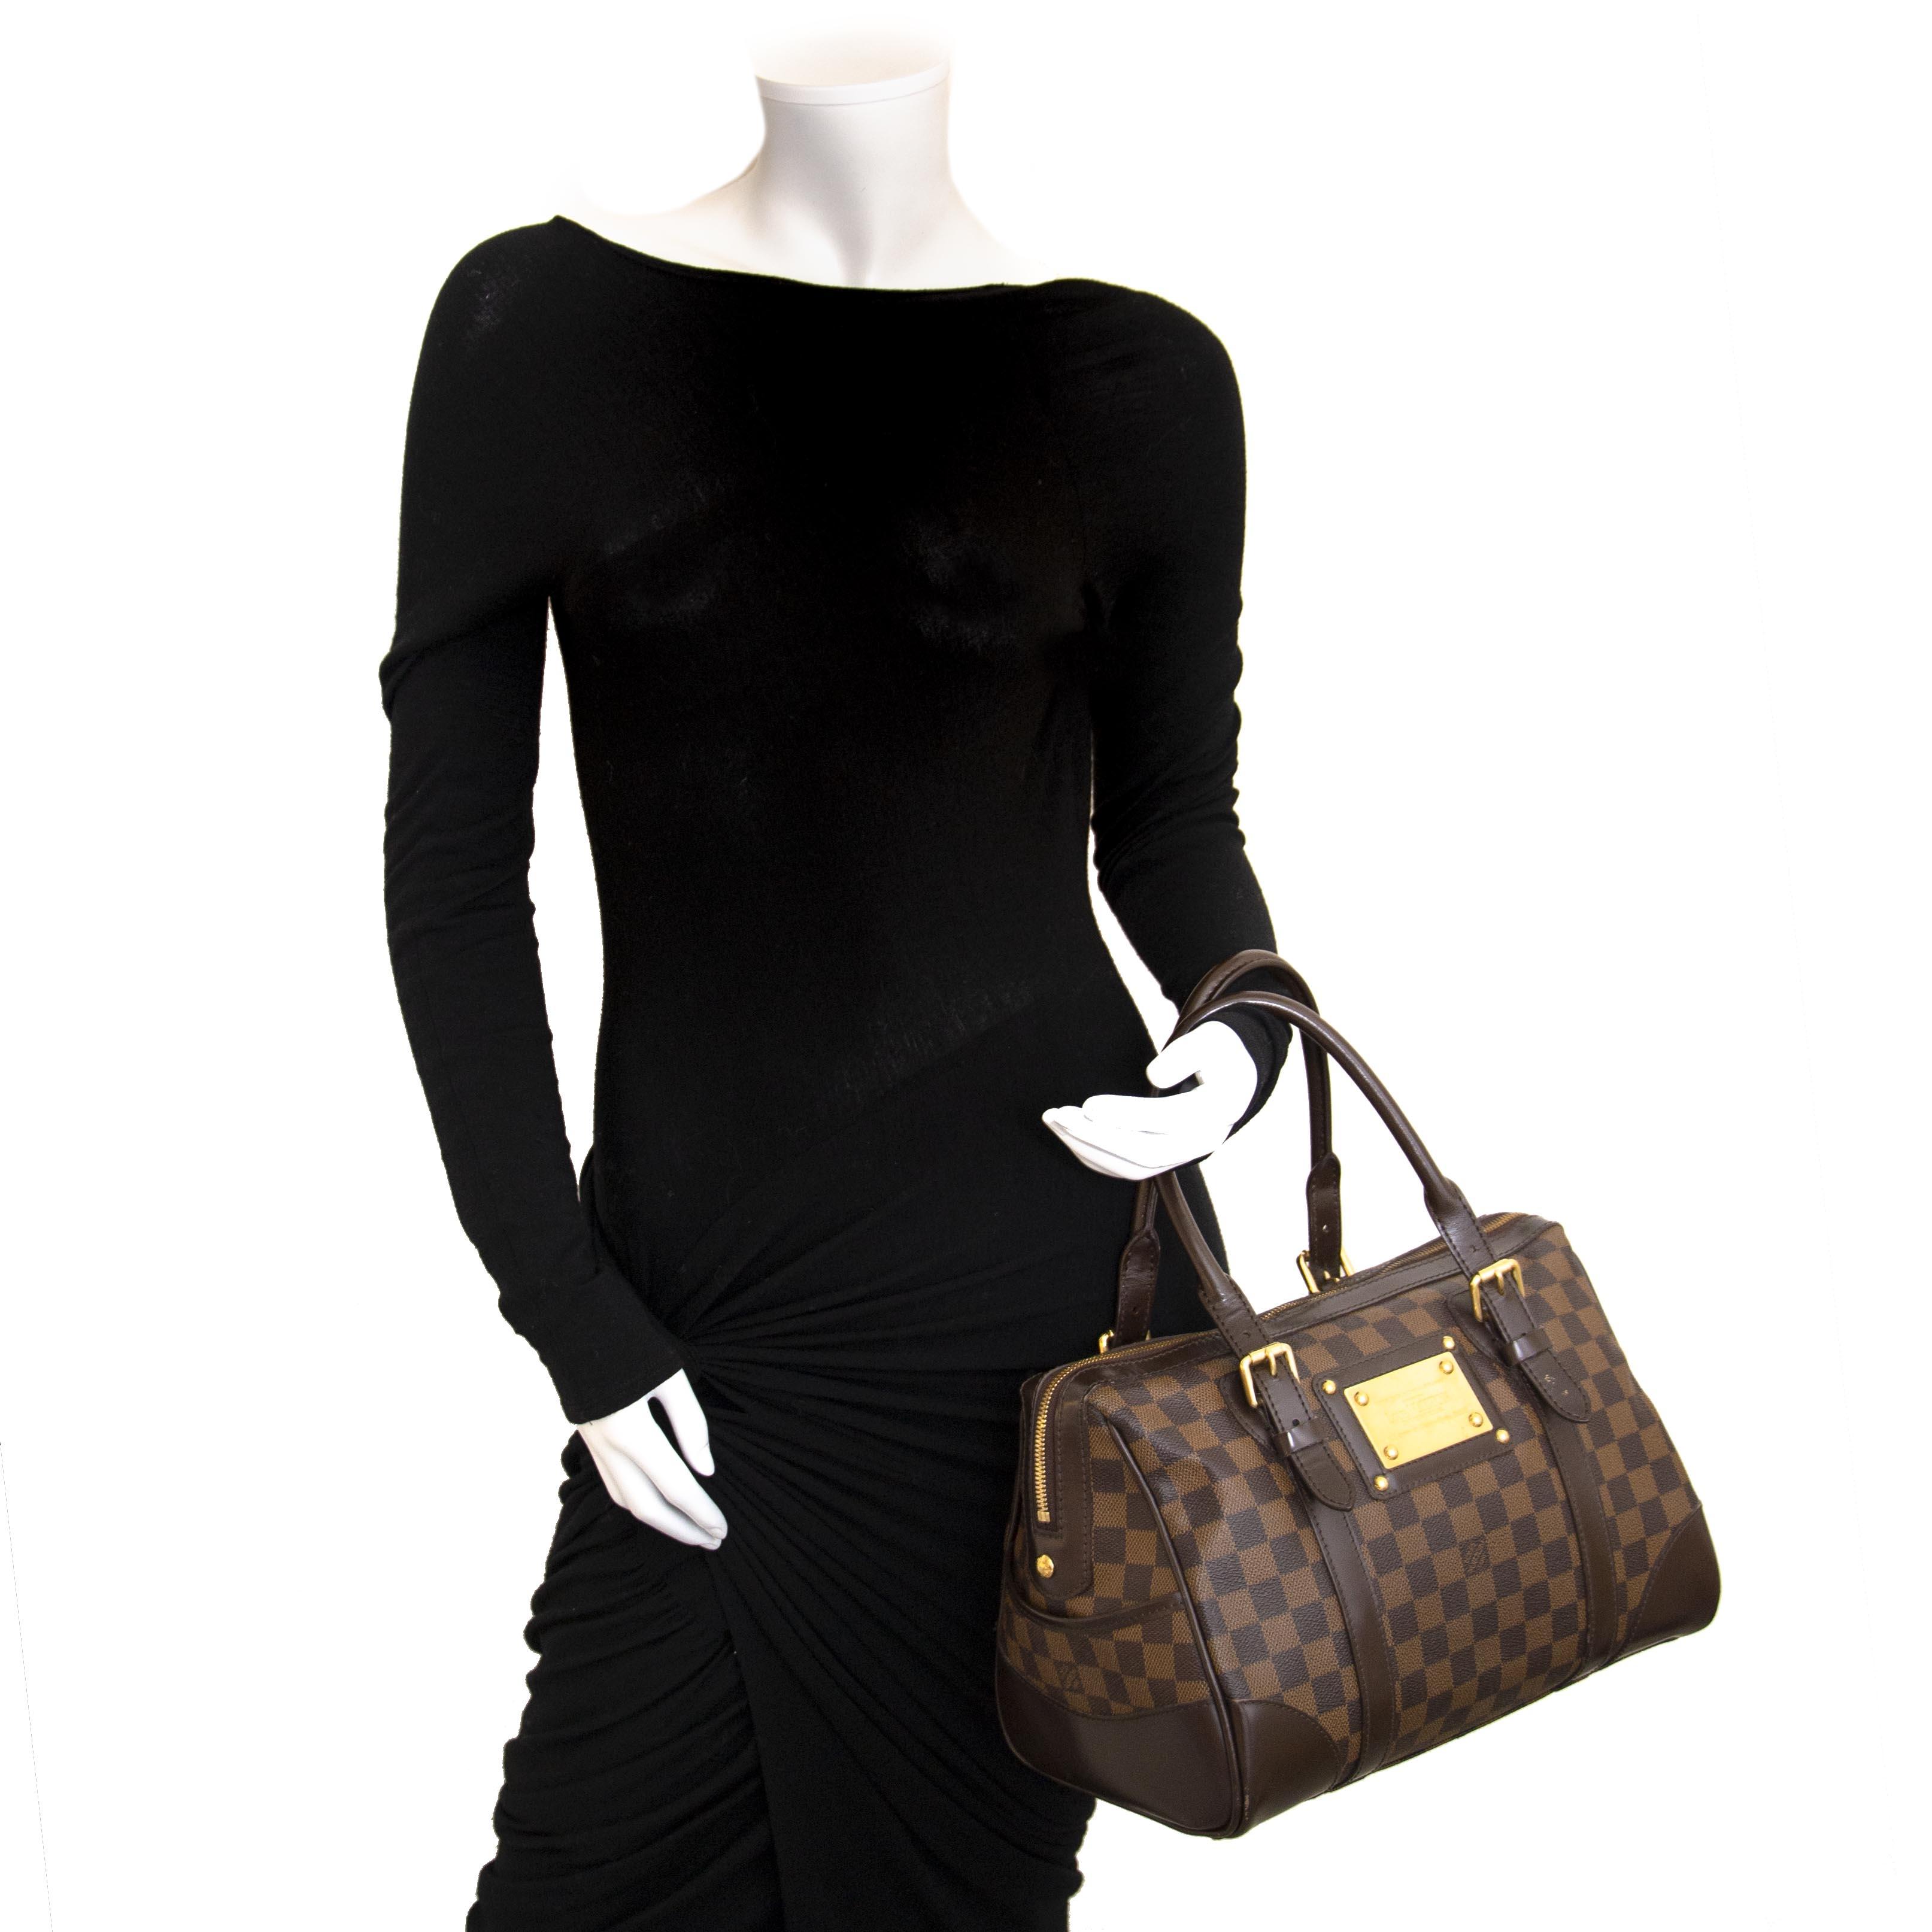 Louis Vuitton Damier Ebene Canvas Brown Berkeley Bag  kopen en verkopen aan de beste prijs